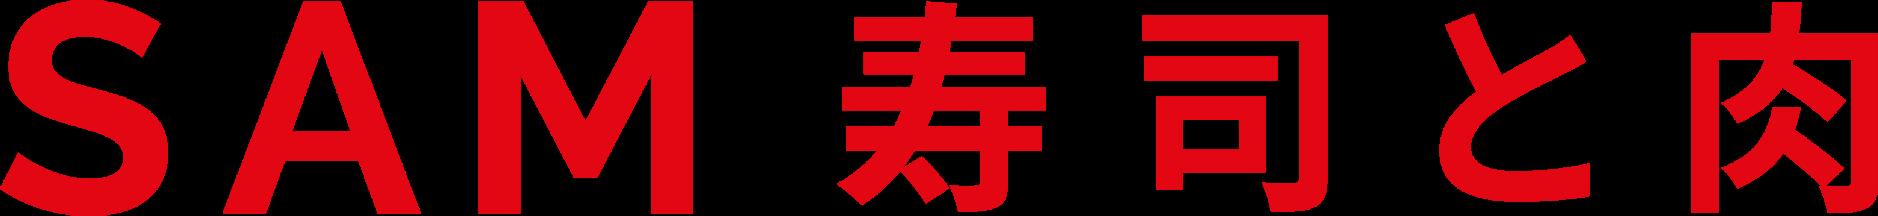 SAM - sushi and meat Logo